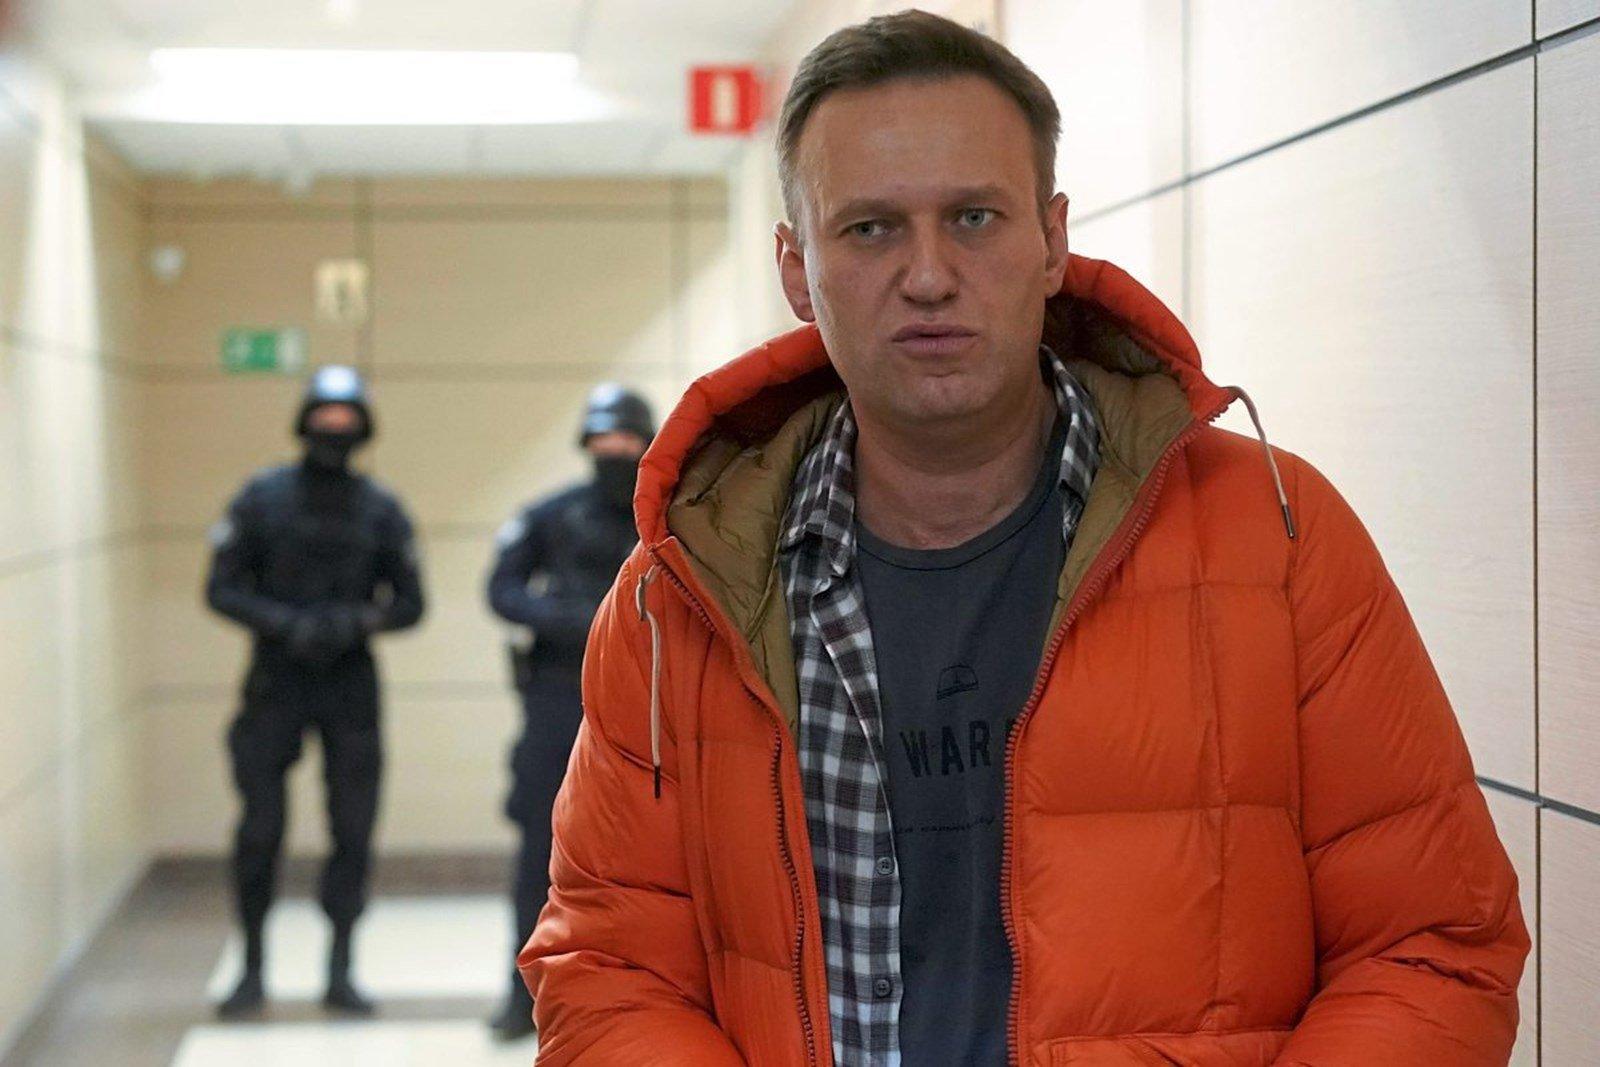 СМИ Австрии: Кремлёвский критик Навальный снова арестован